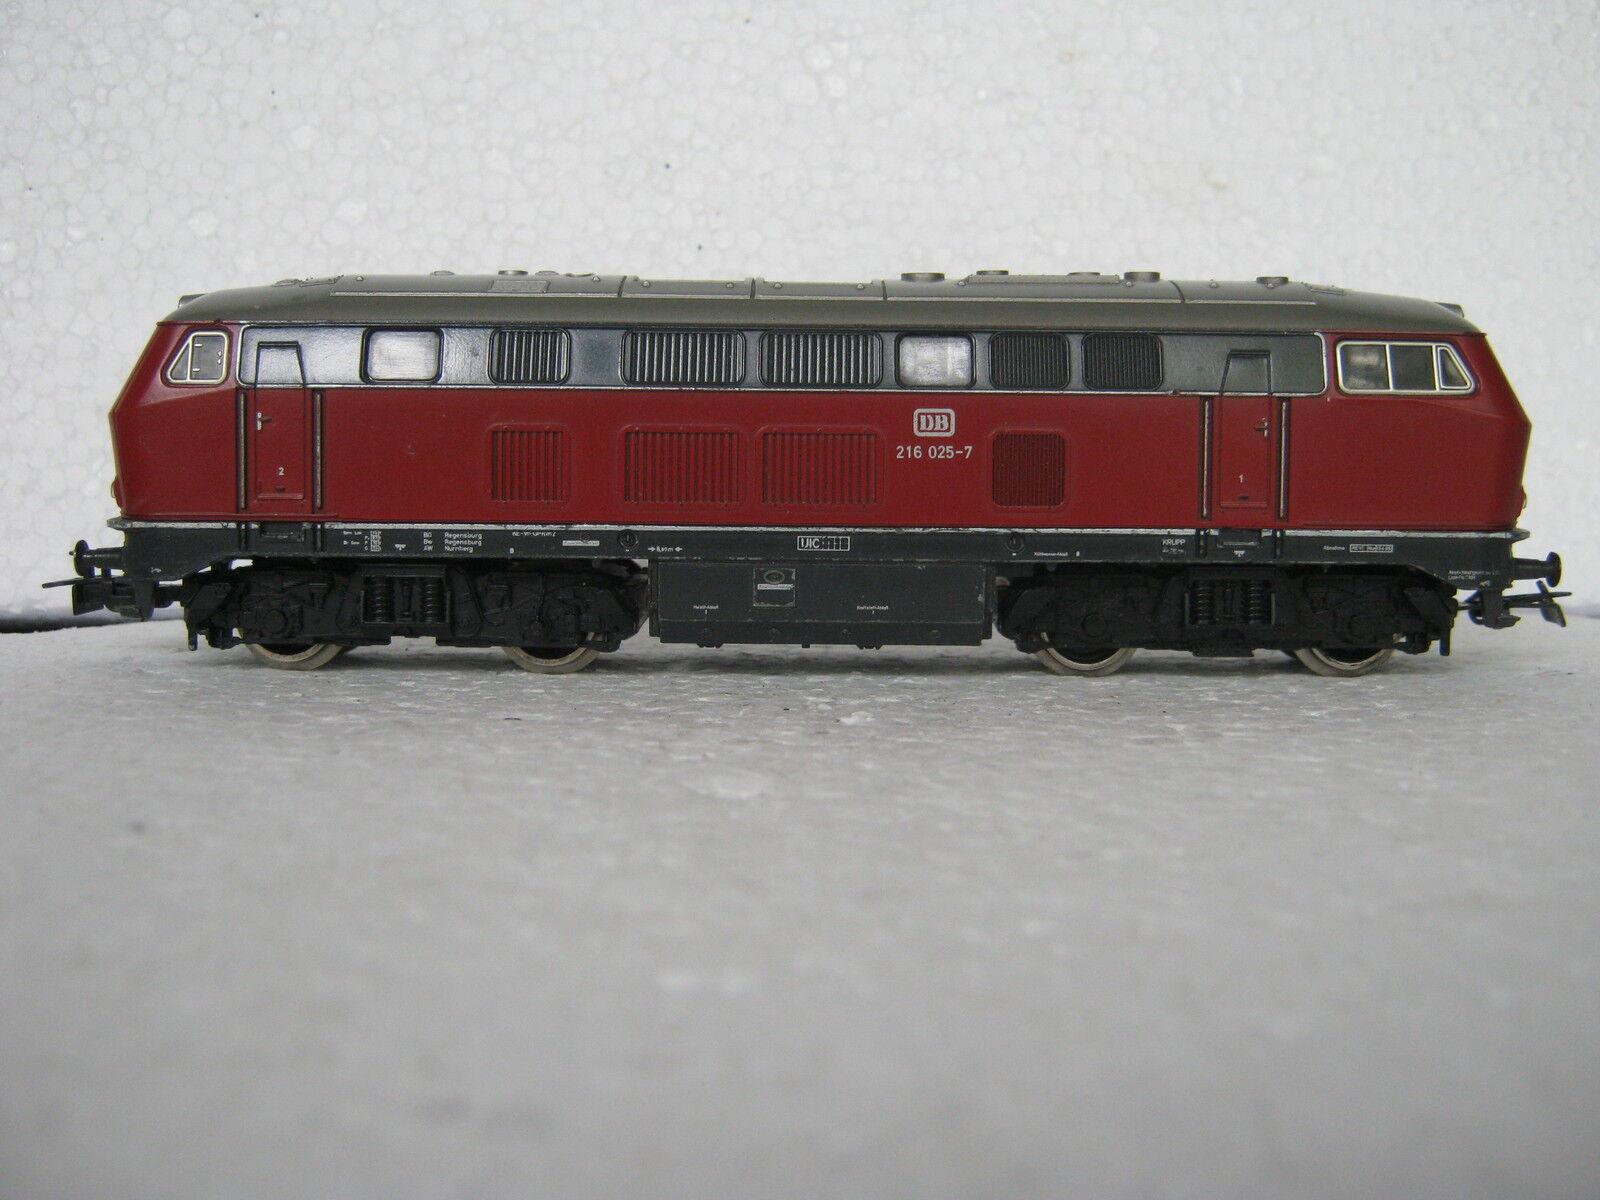 Digital   HO 3075 Locomotiva Diesel BR 216 025-7 dB DC  rg/cb/230-52s3/6